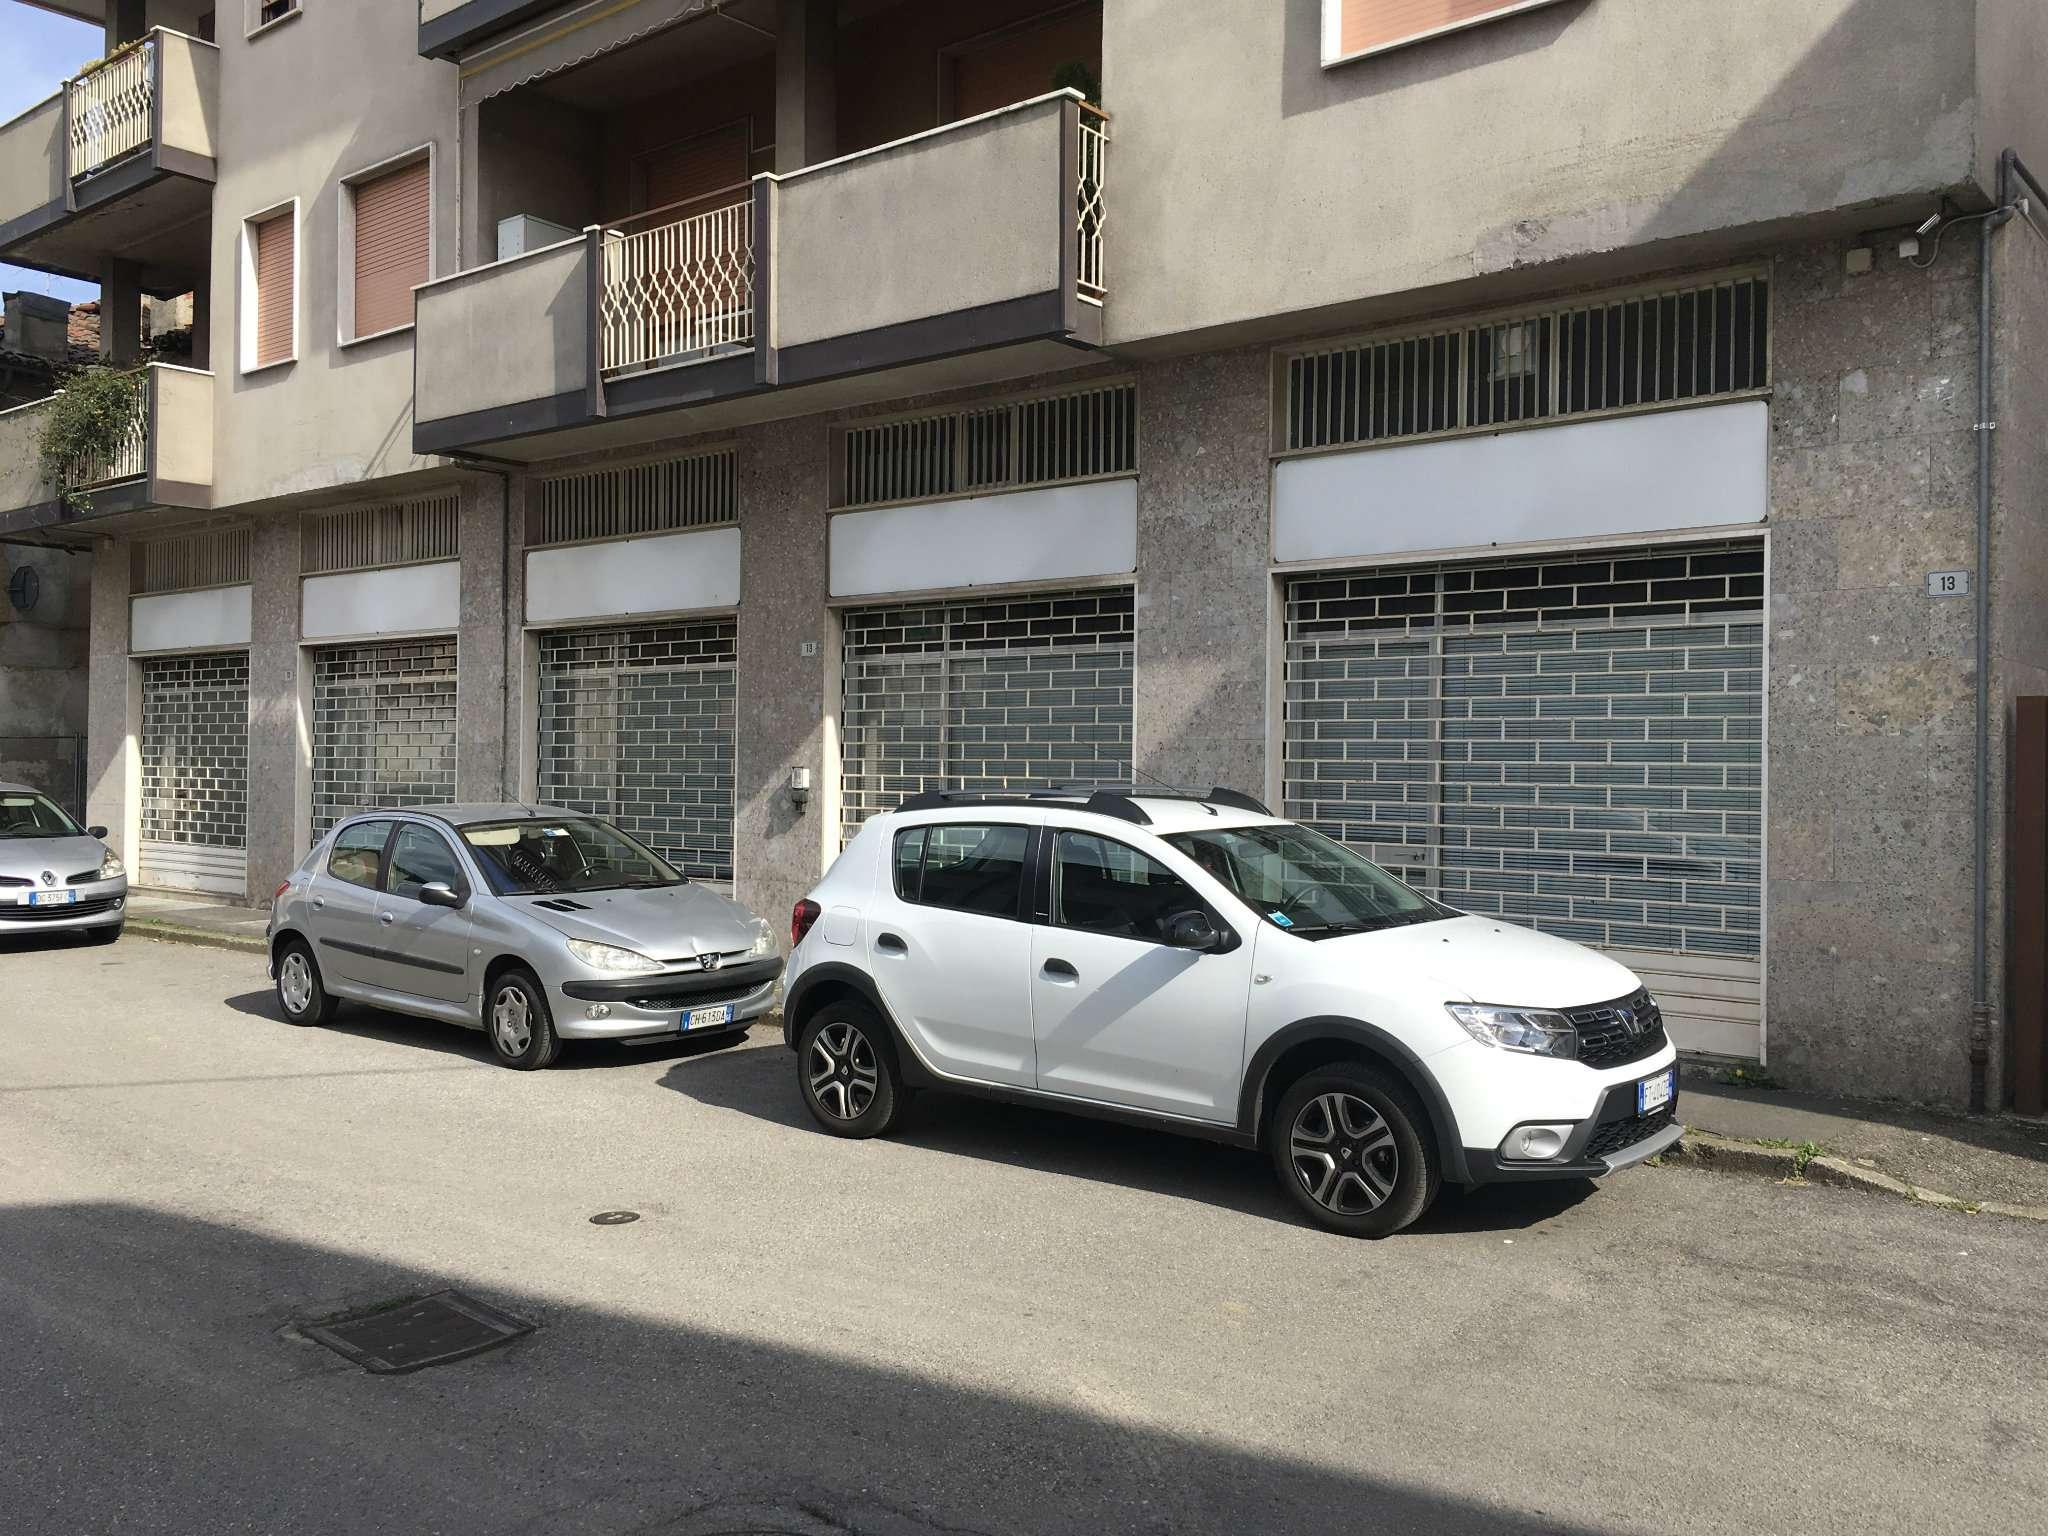 Negozio / Locale in vendita a Busto Arsizio, 10 locali, prezzo € 240.000 | PortaleAgenzieImmobiliari.it